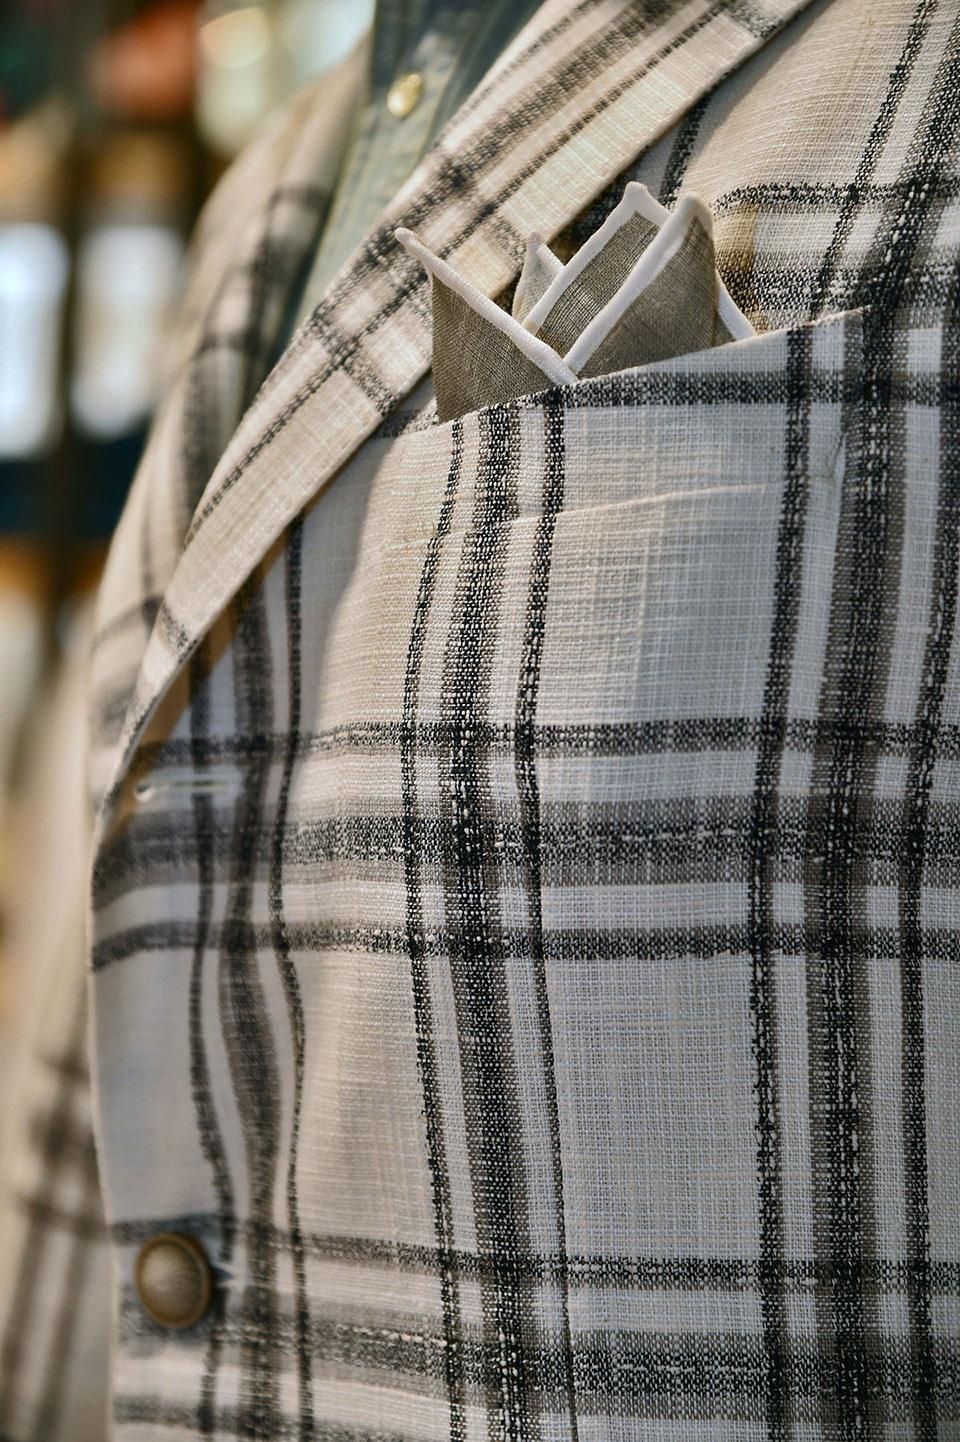 Dettaglio giacca Tagliatore © Eredi Chiarini